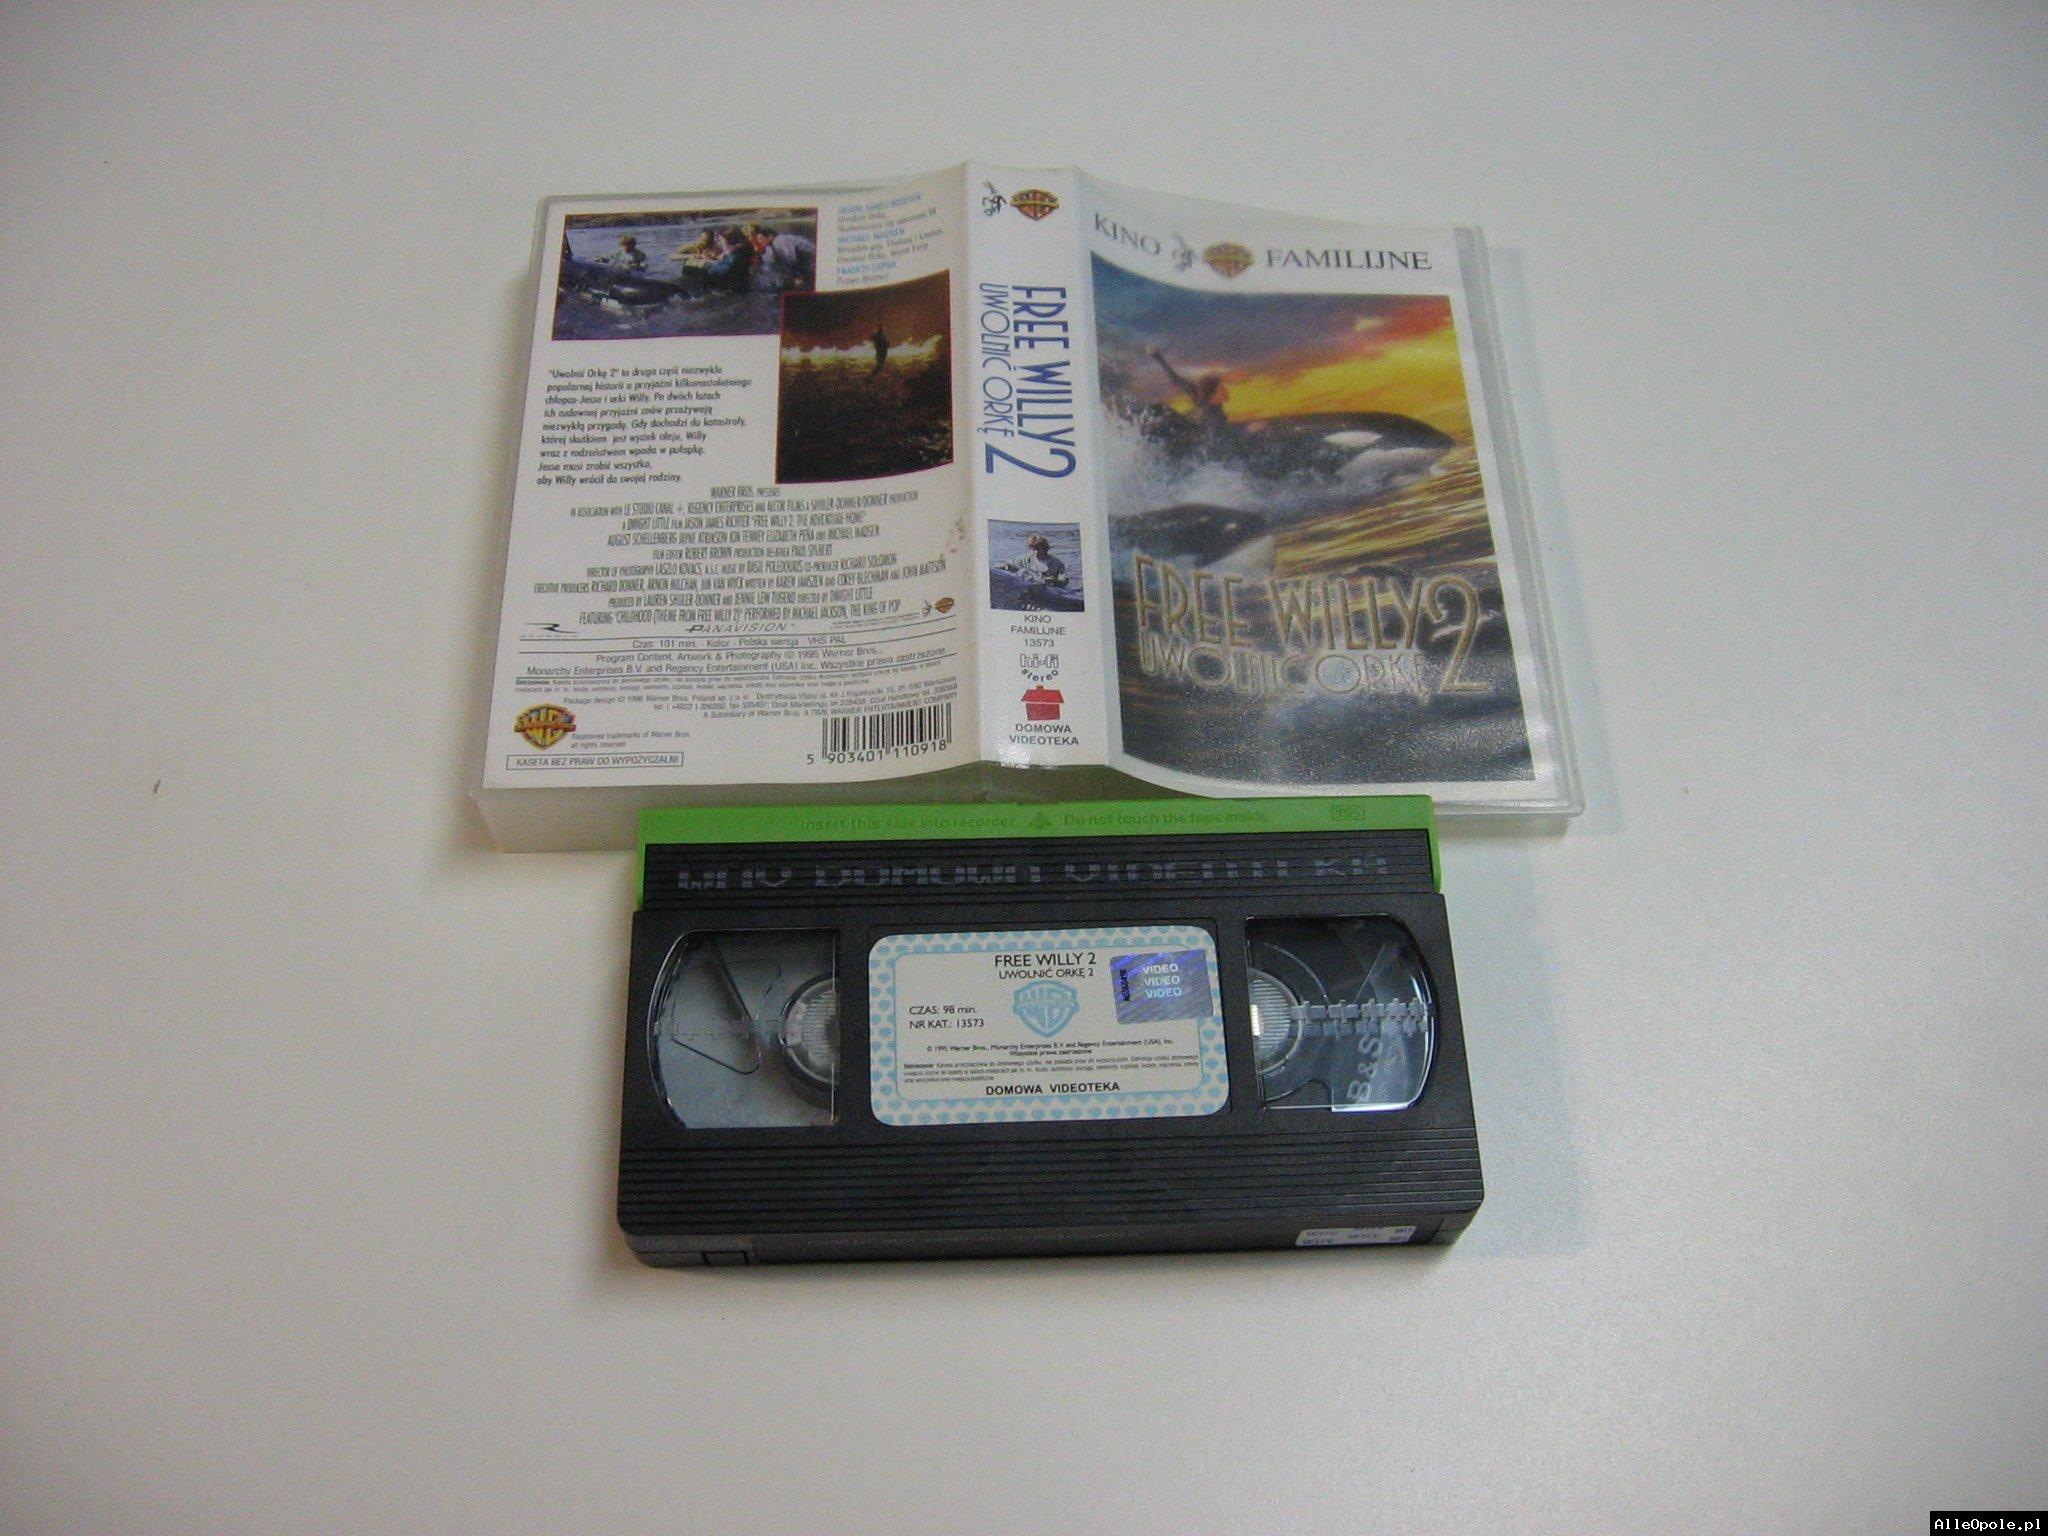 UWOLNIĆ ORKĘ 2 - VHS Kaseta Video - Opole 1792